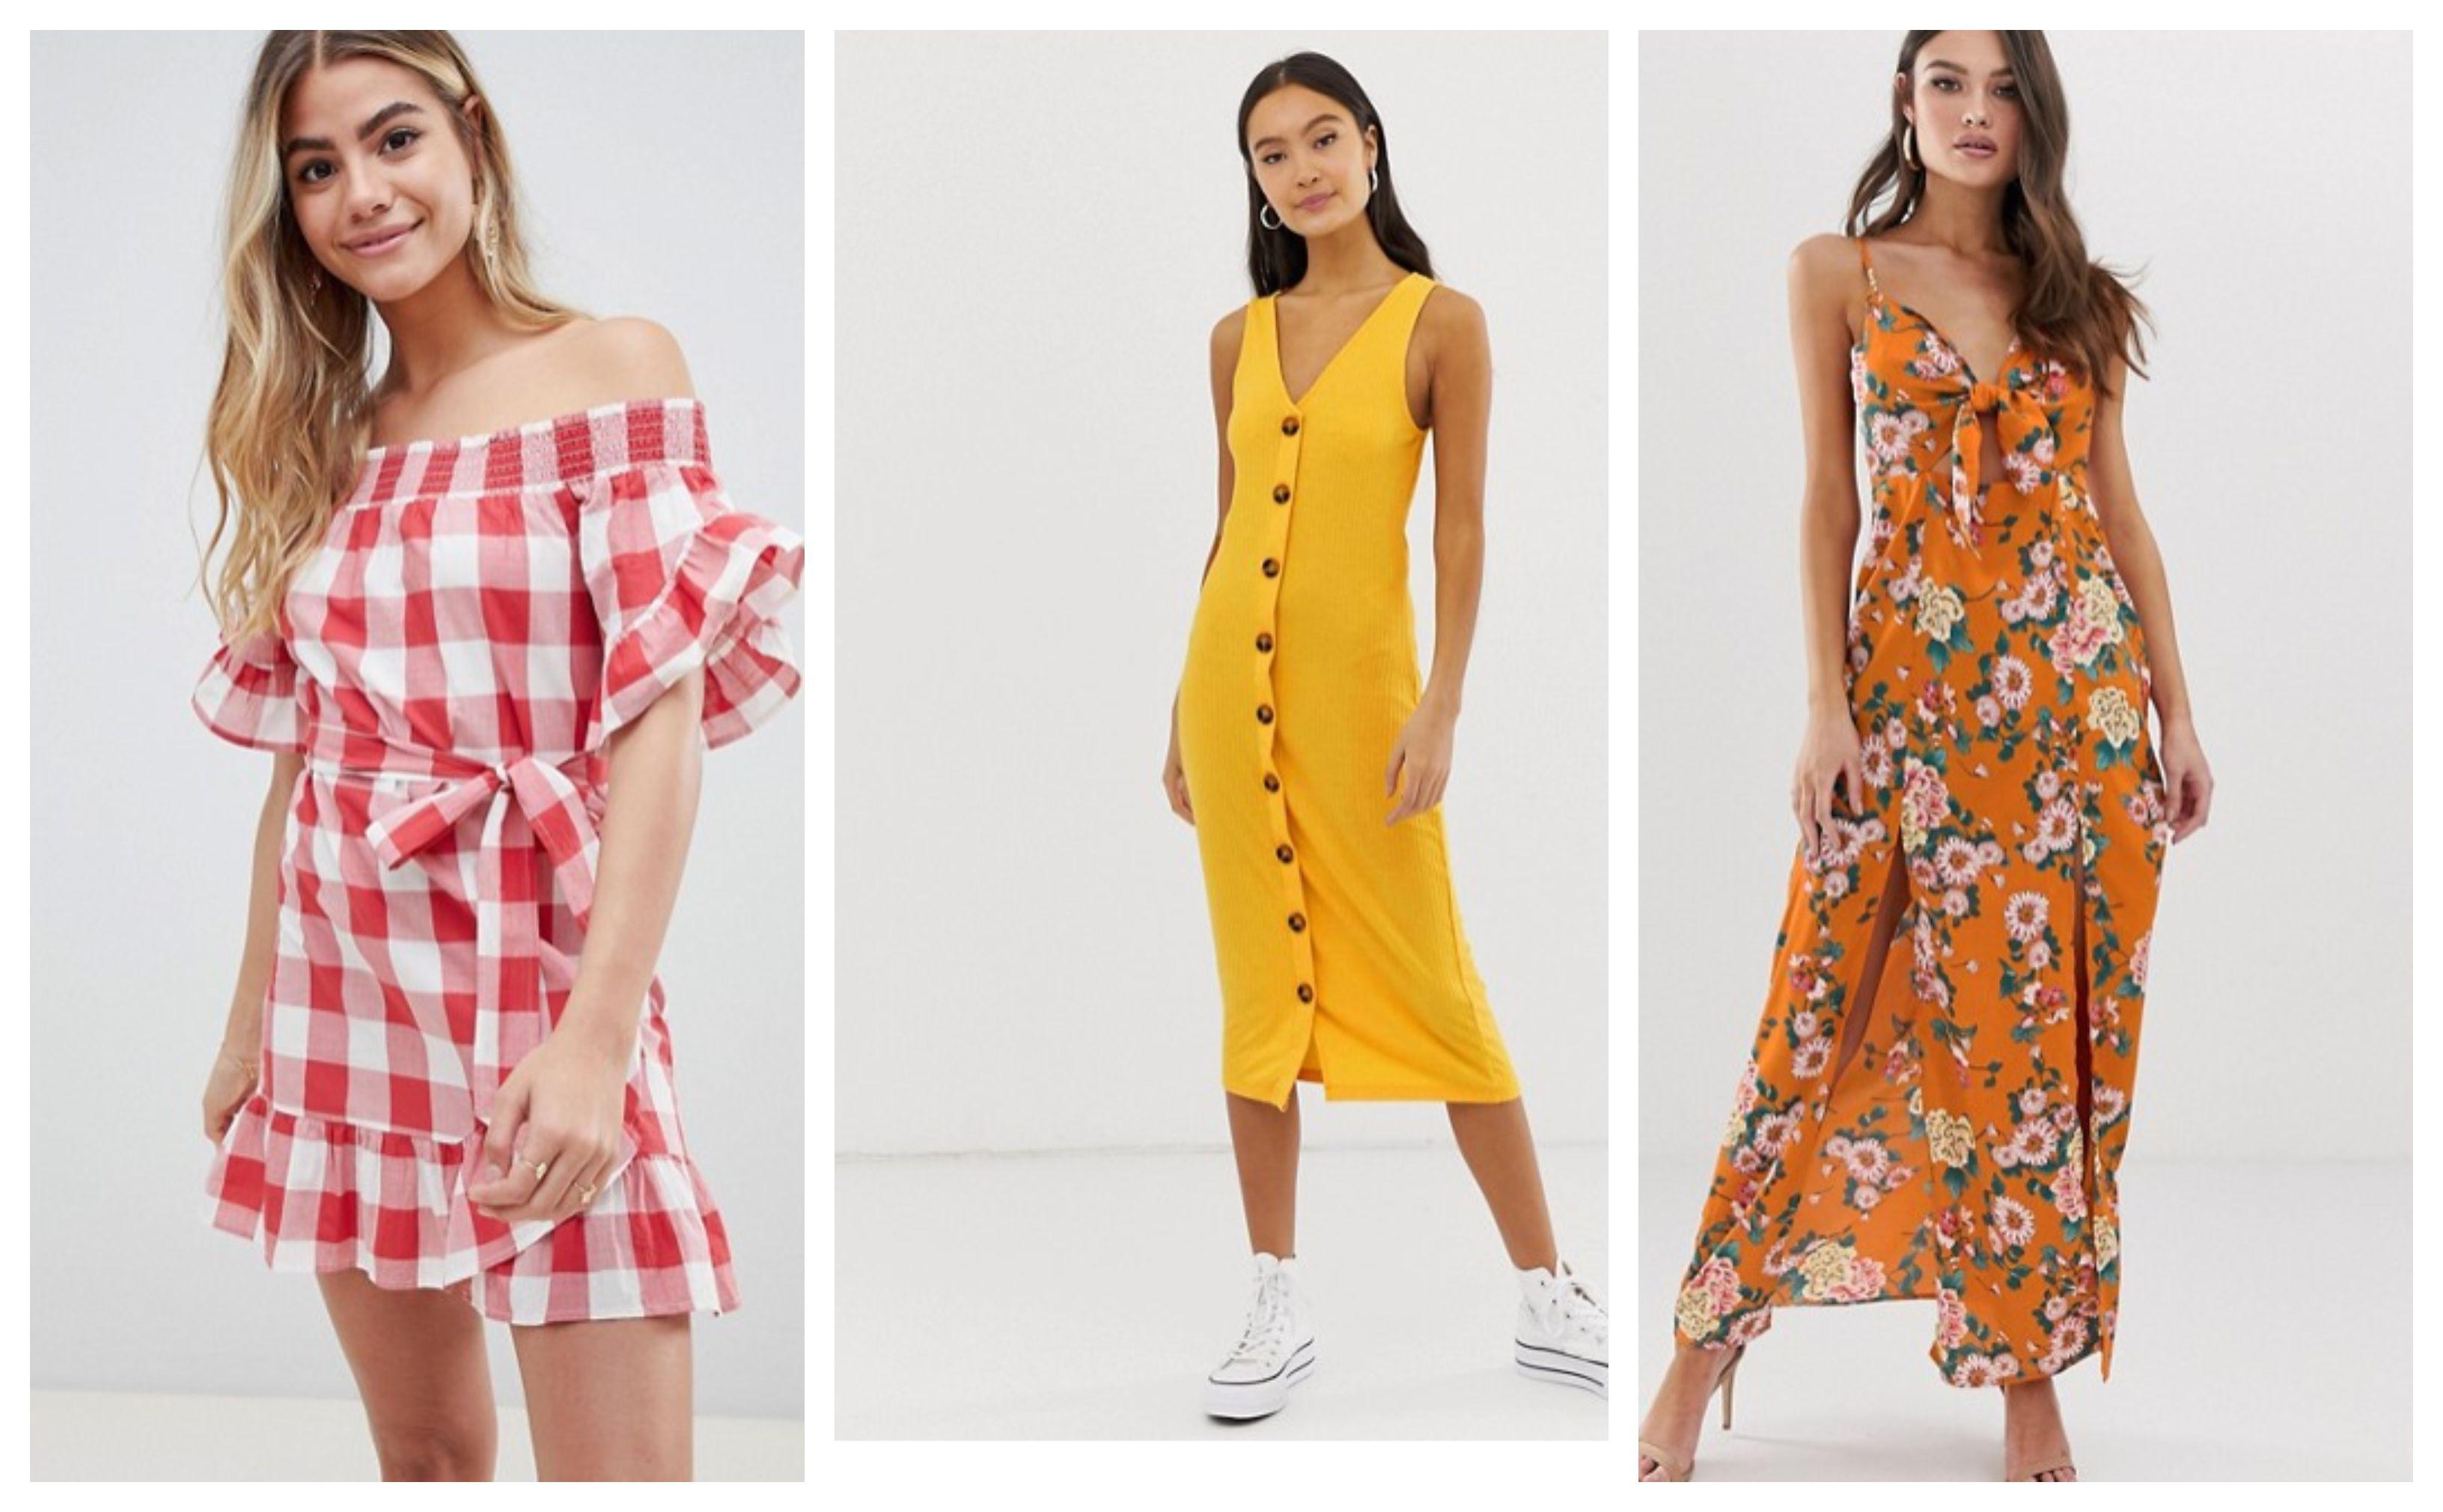 Izabrali smo deset najljepših proljetnih haljina s ASOS-a do 150 kuna